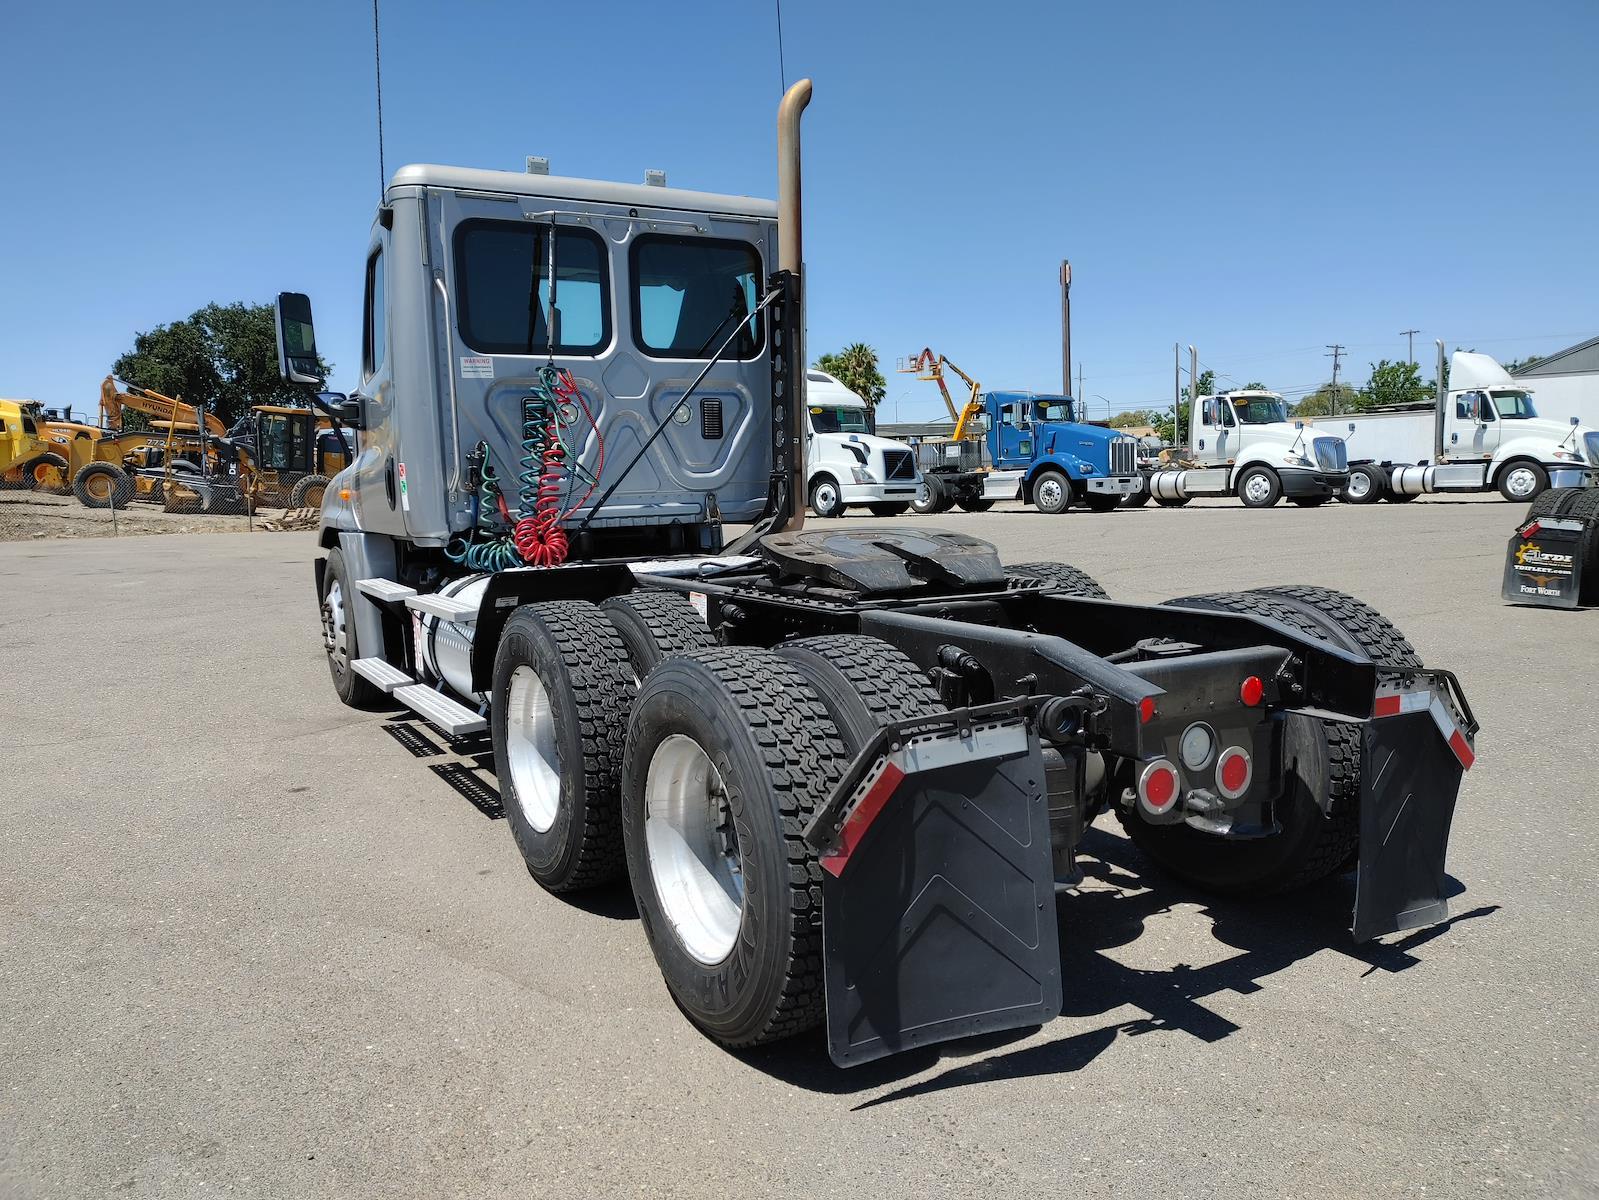 2014 Freightliner Truck 6x4, Tractor #532918 - photo 1